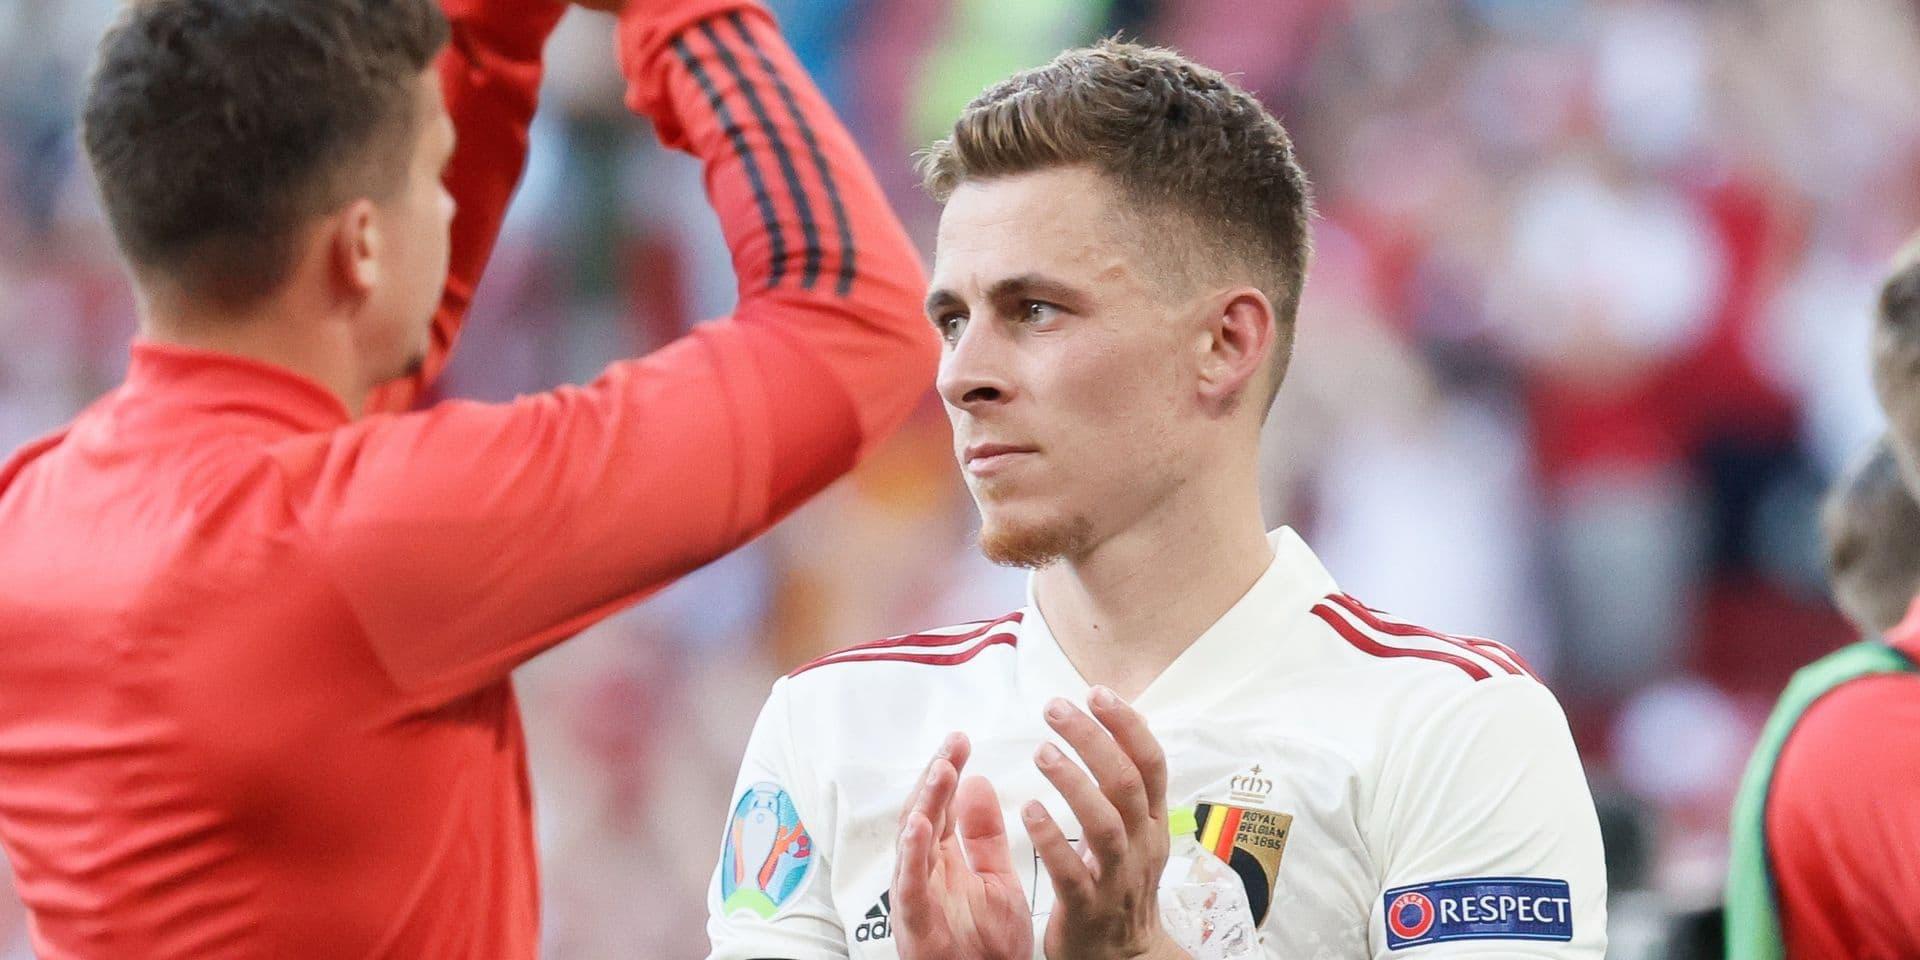 Thorgan Hazard incertain pour la Finlande, son ligament interne du genou touché